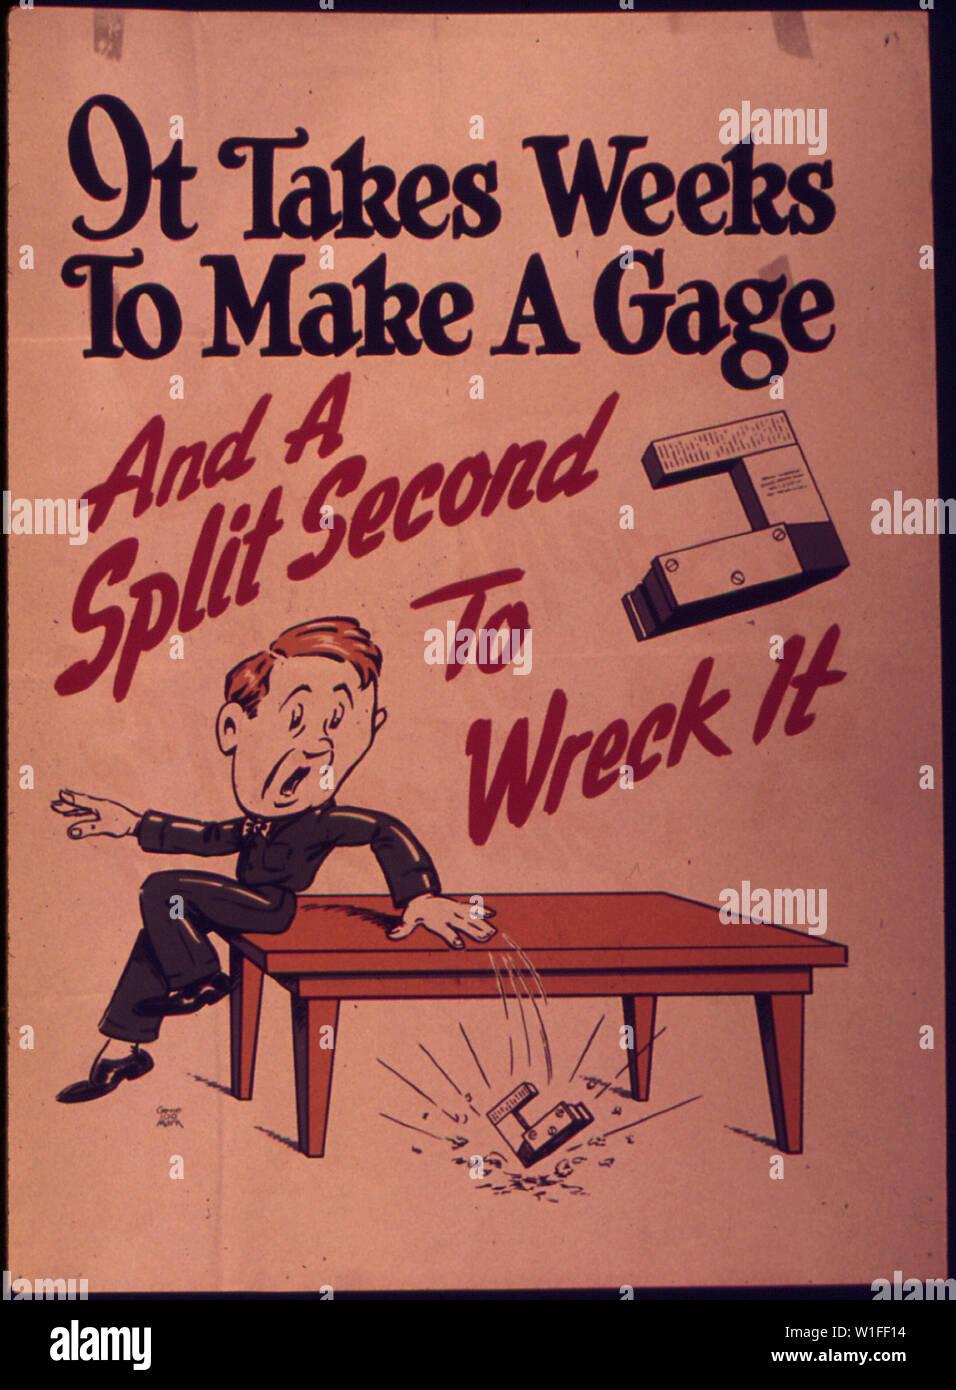 Si impiegano settimane per realizzare un Gage-And una frazione di secondo al relitto si Immagini Stock